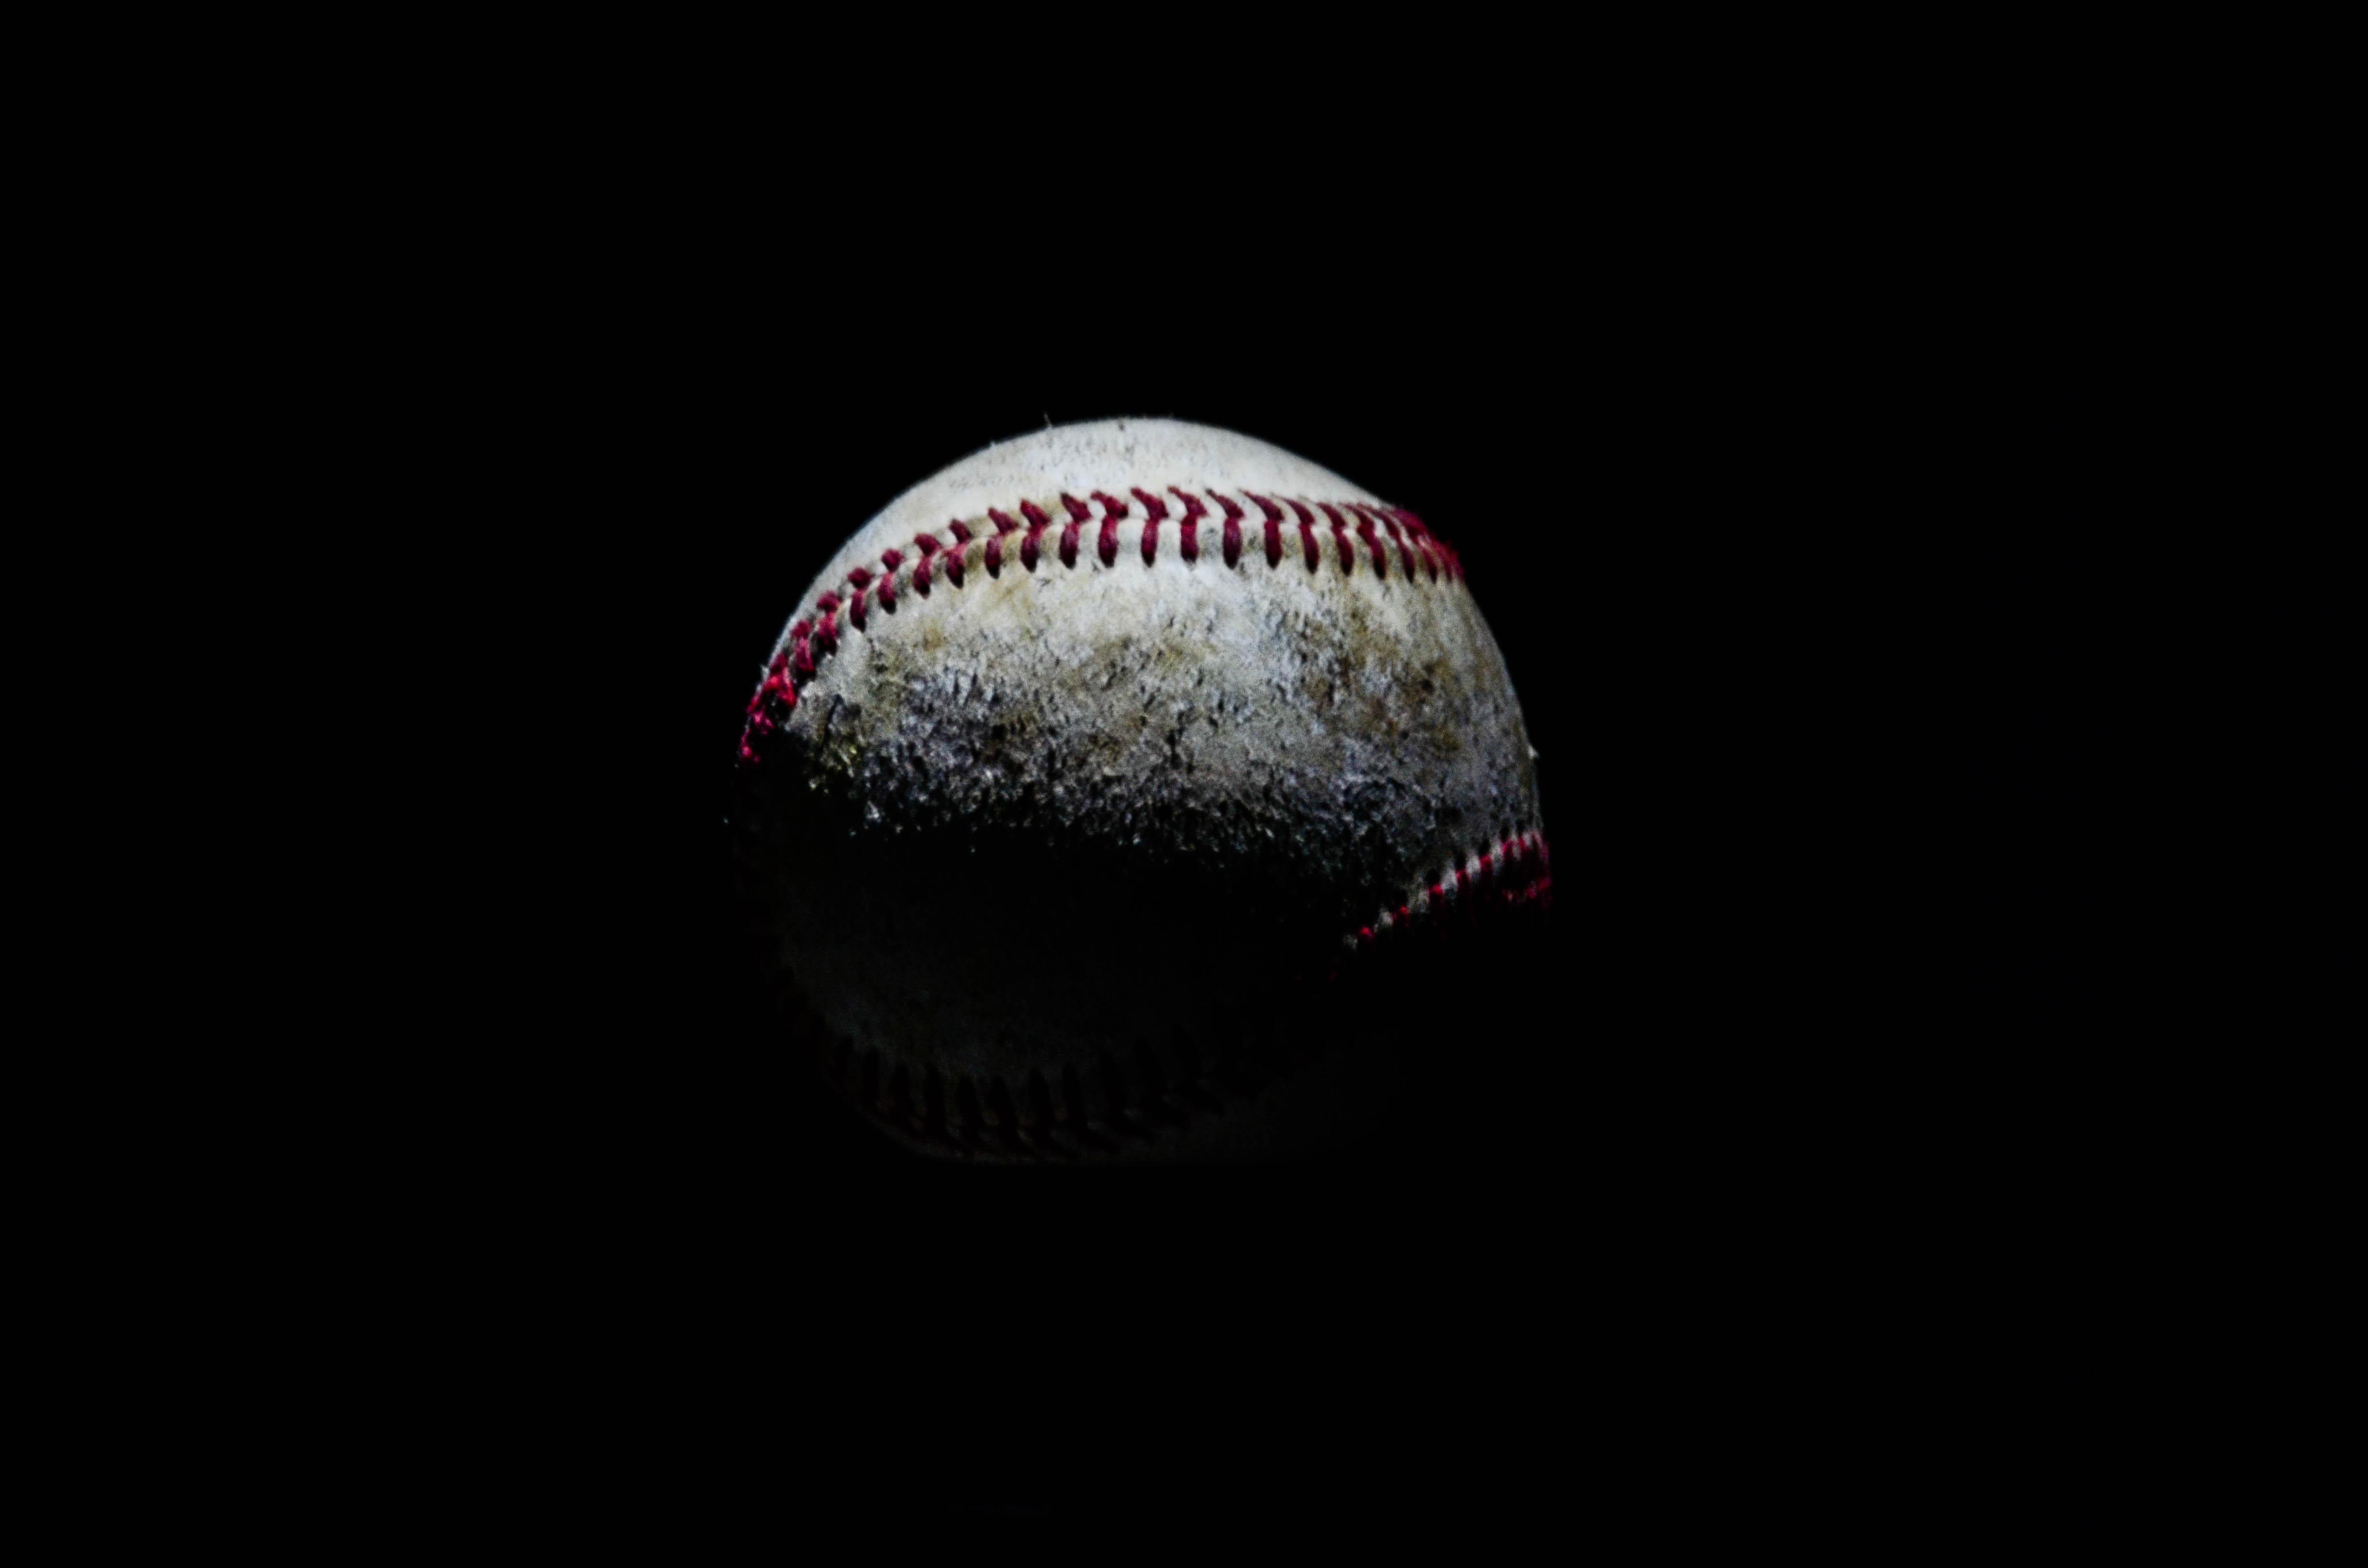 Patrón De Fondo De Pantalla De Deportes: Fondos De Pantalla : Deportes, Contraste, Oscuro, Esfera